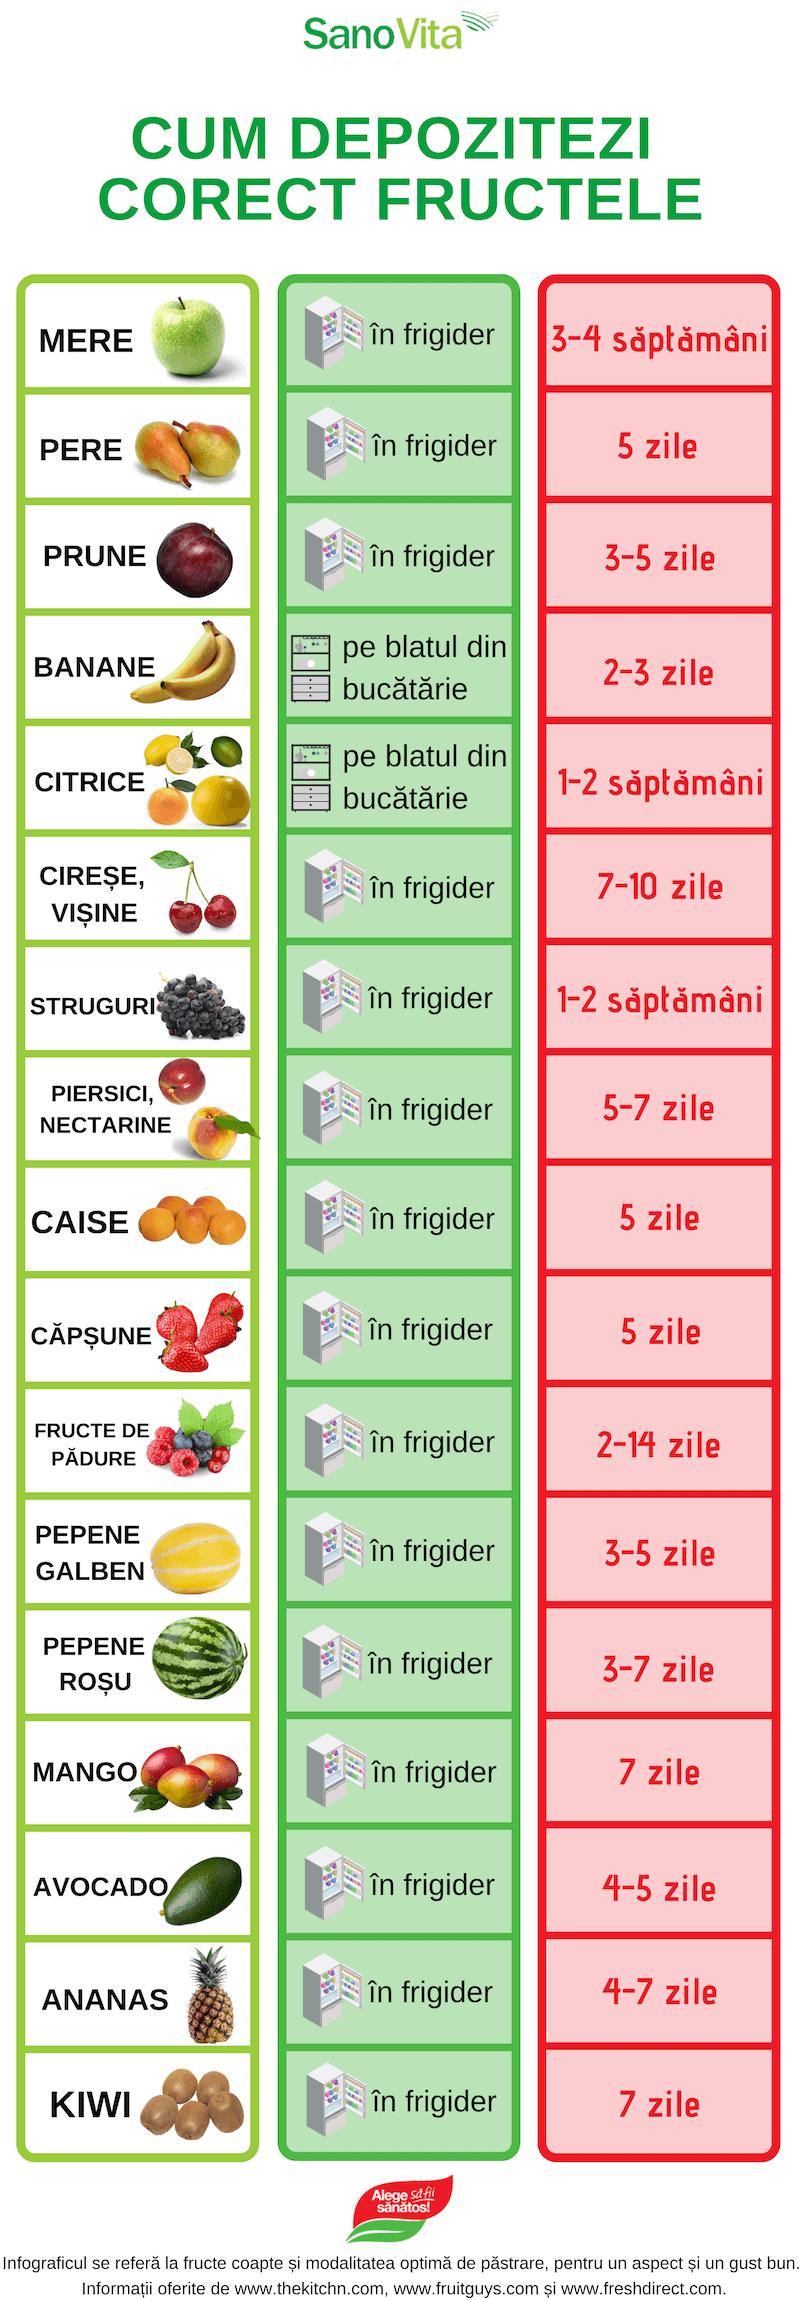 Cum depozitezi corect fructele - infografic